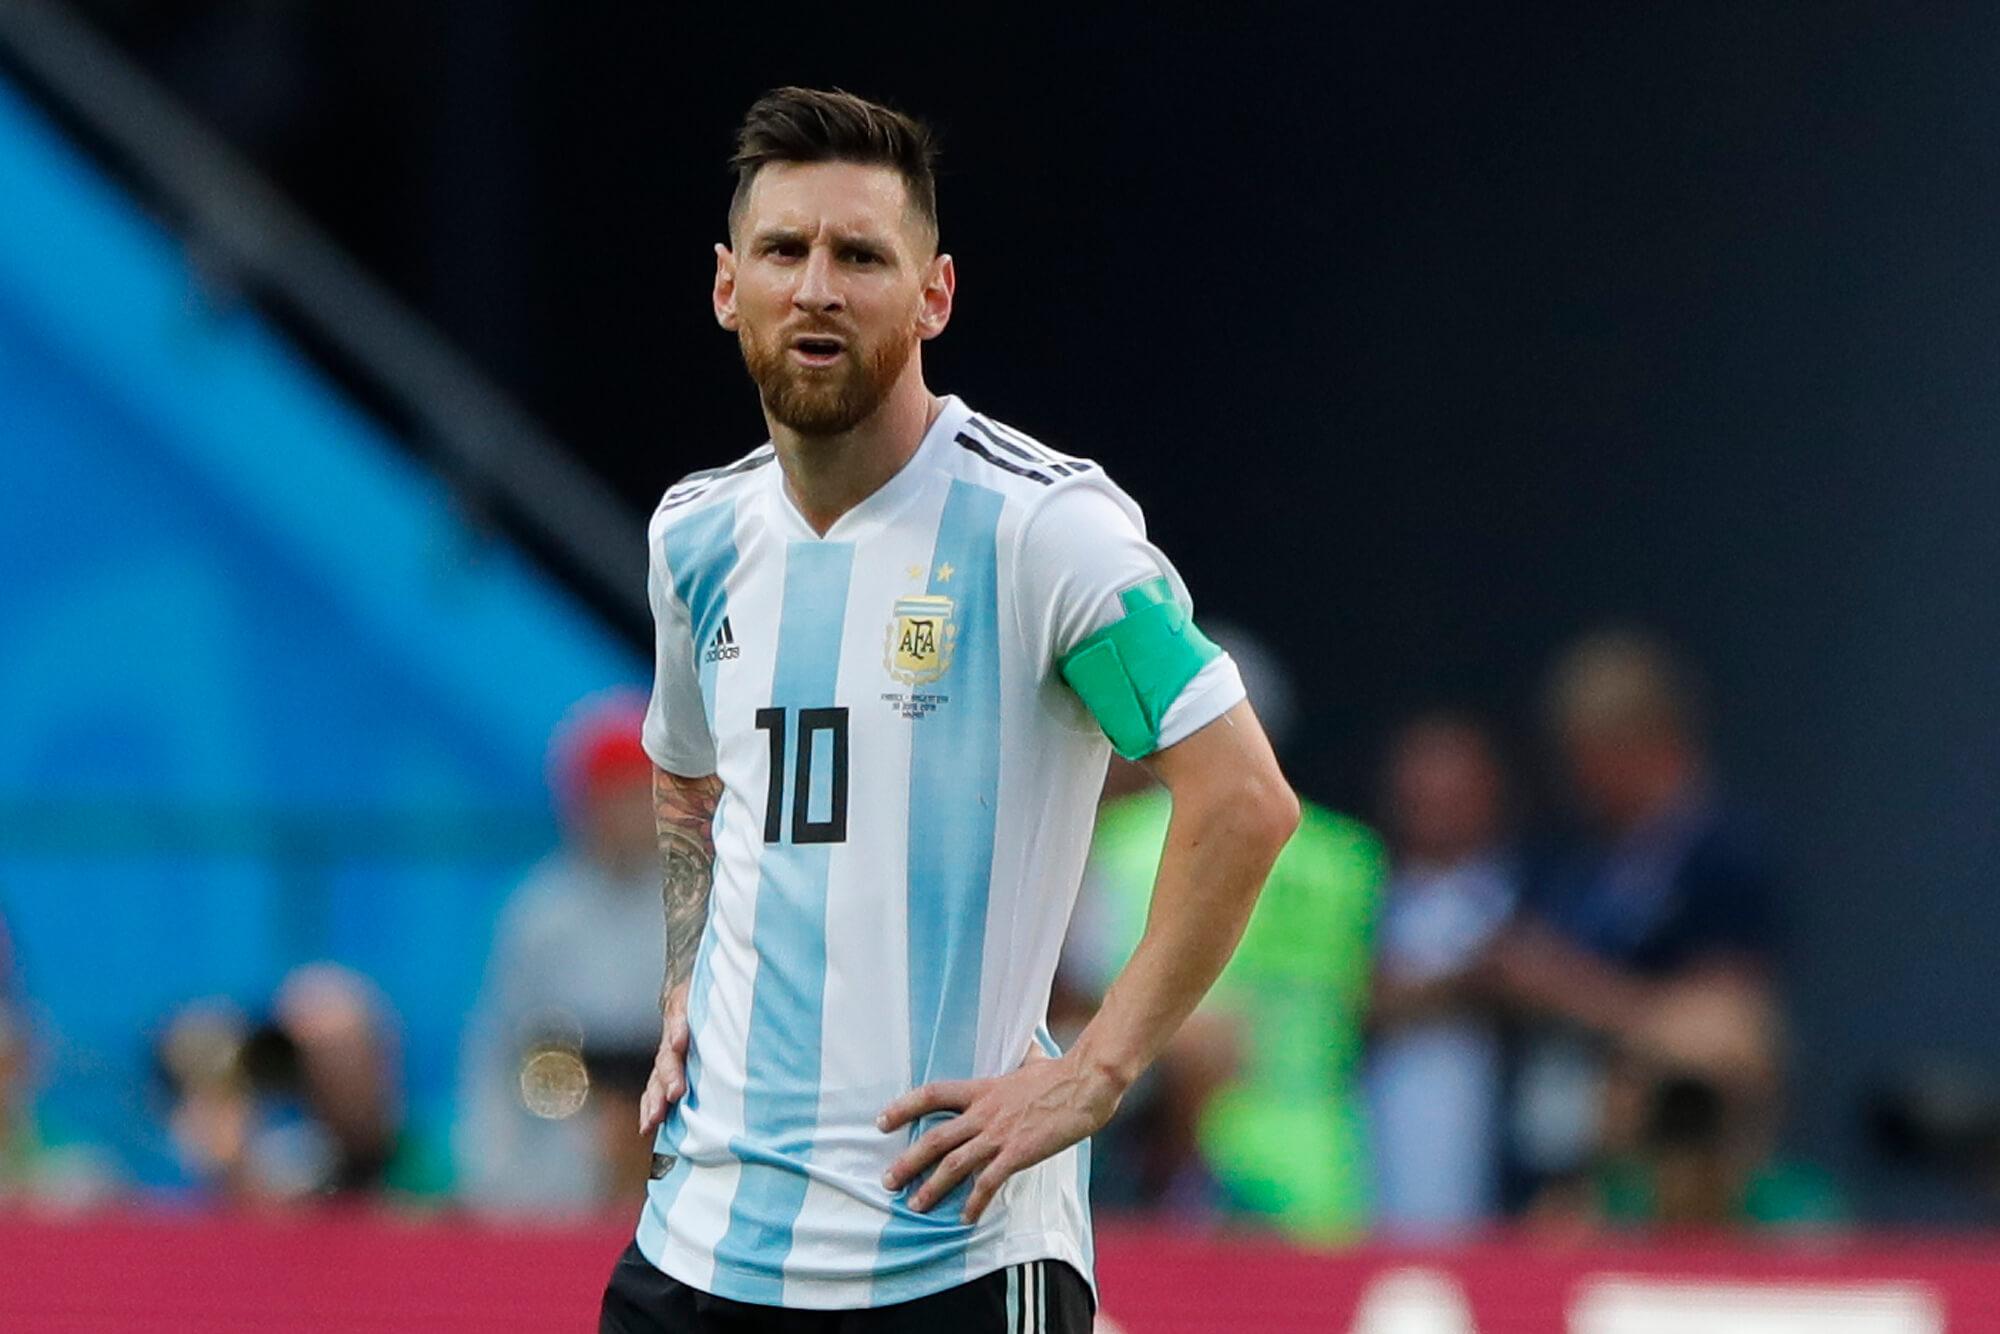 ¡Insólito! Messi causó el divorcio de una pareja rusa por su rendimiento